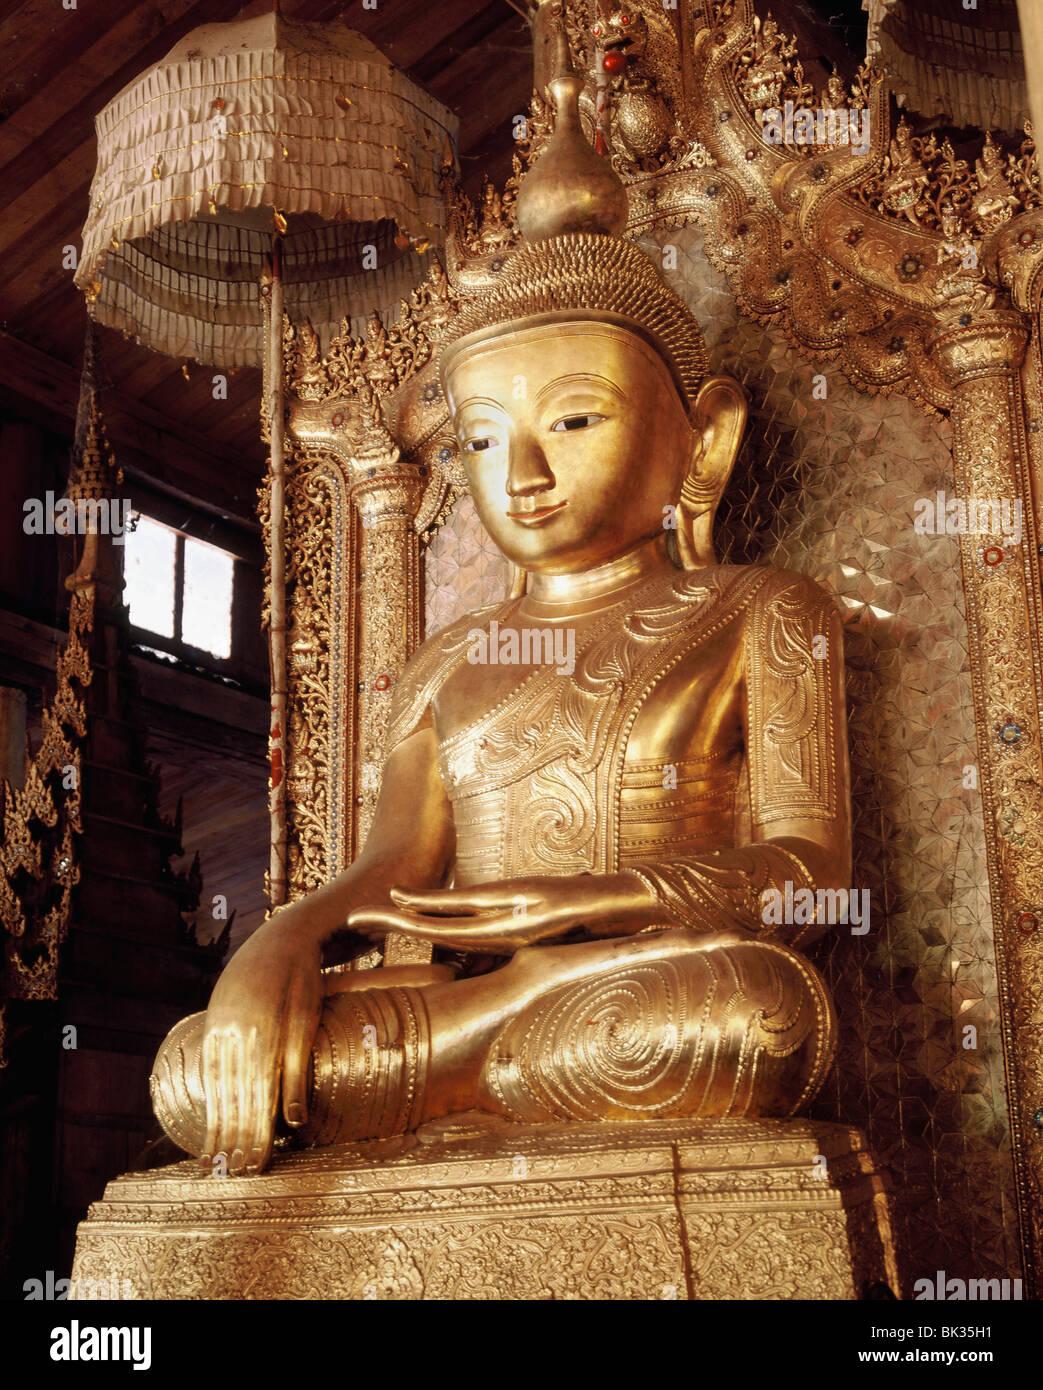 Nineteenth century Shan style lacquered Buddha image, Nga Pae Kyaung Monastery, Ywama , Inle Lake, Shan States, - Stock Image